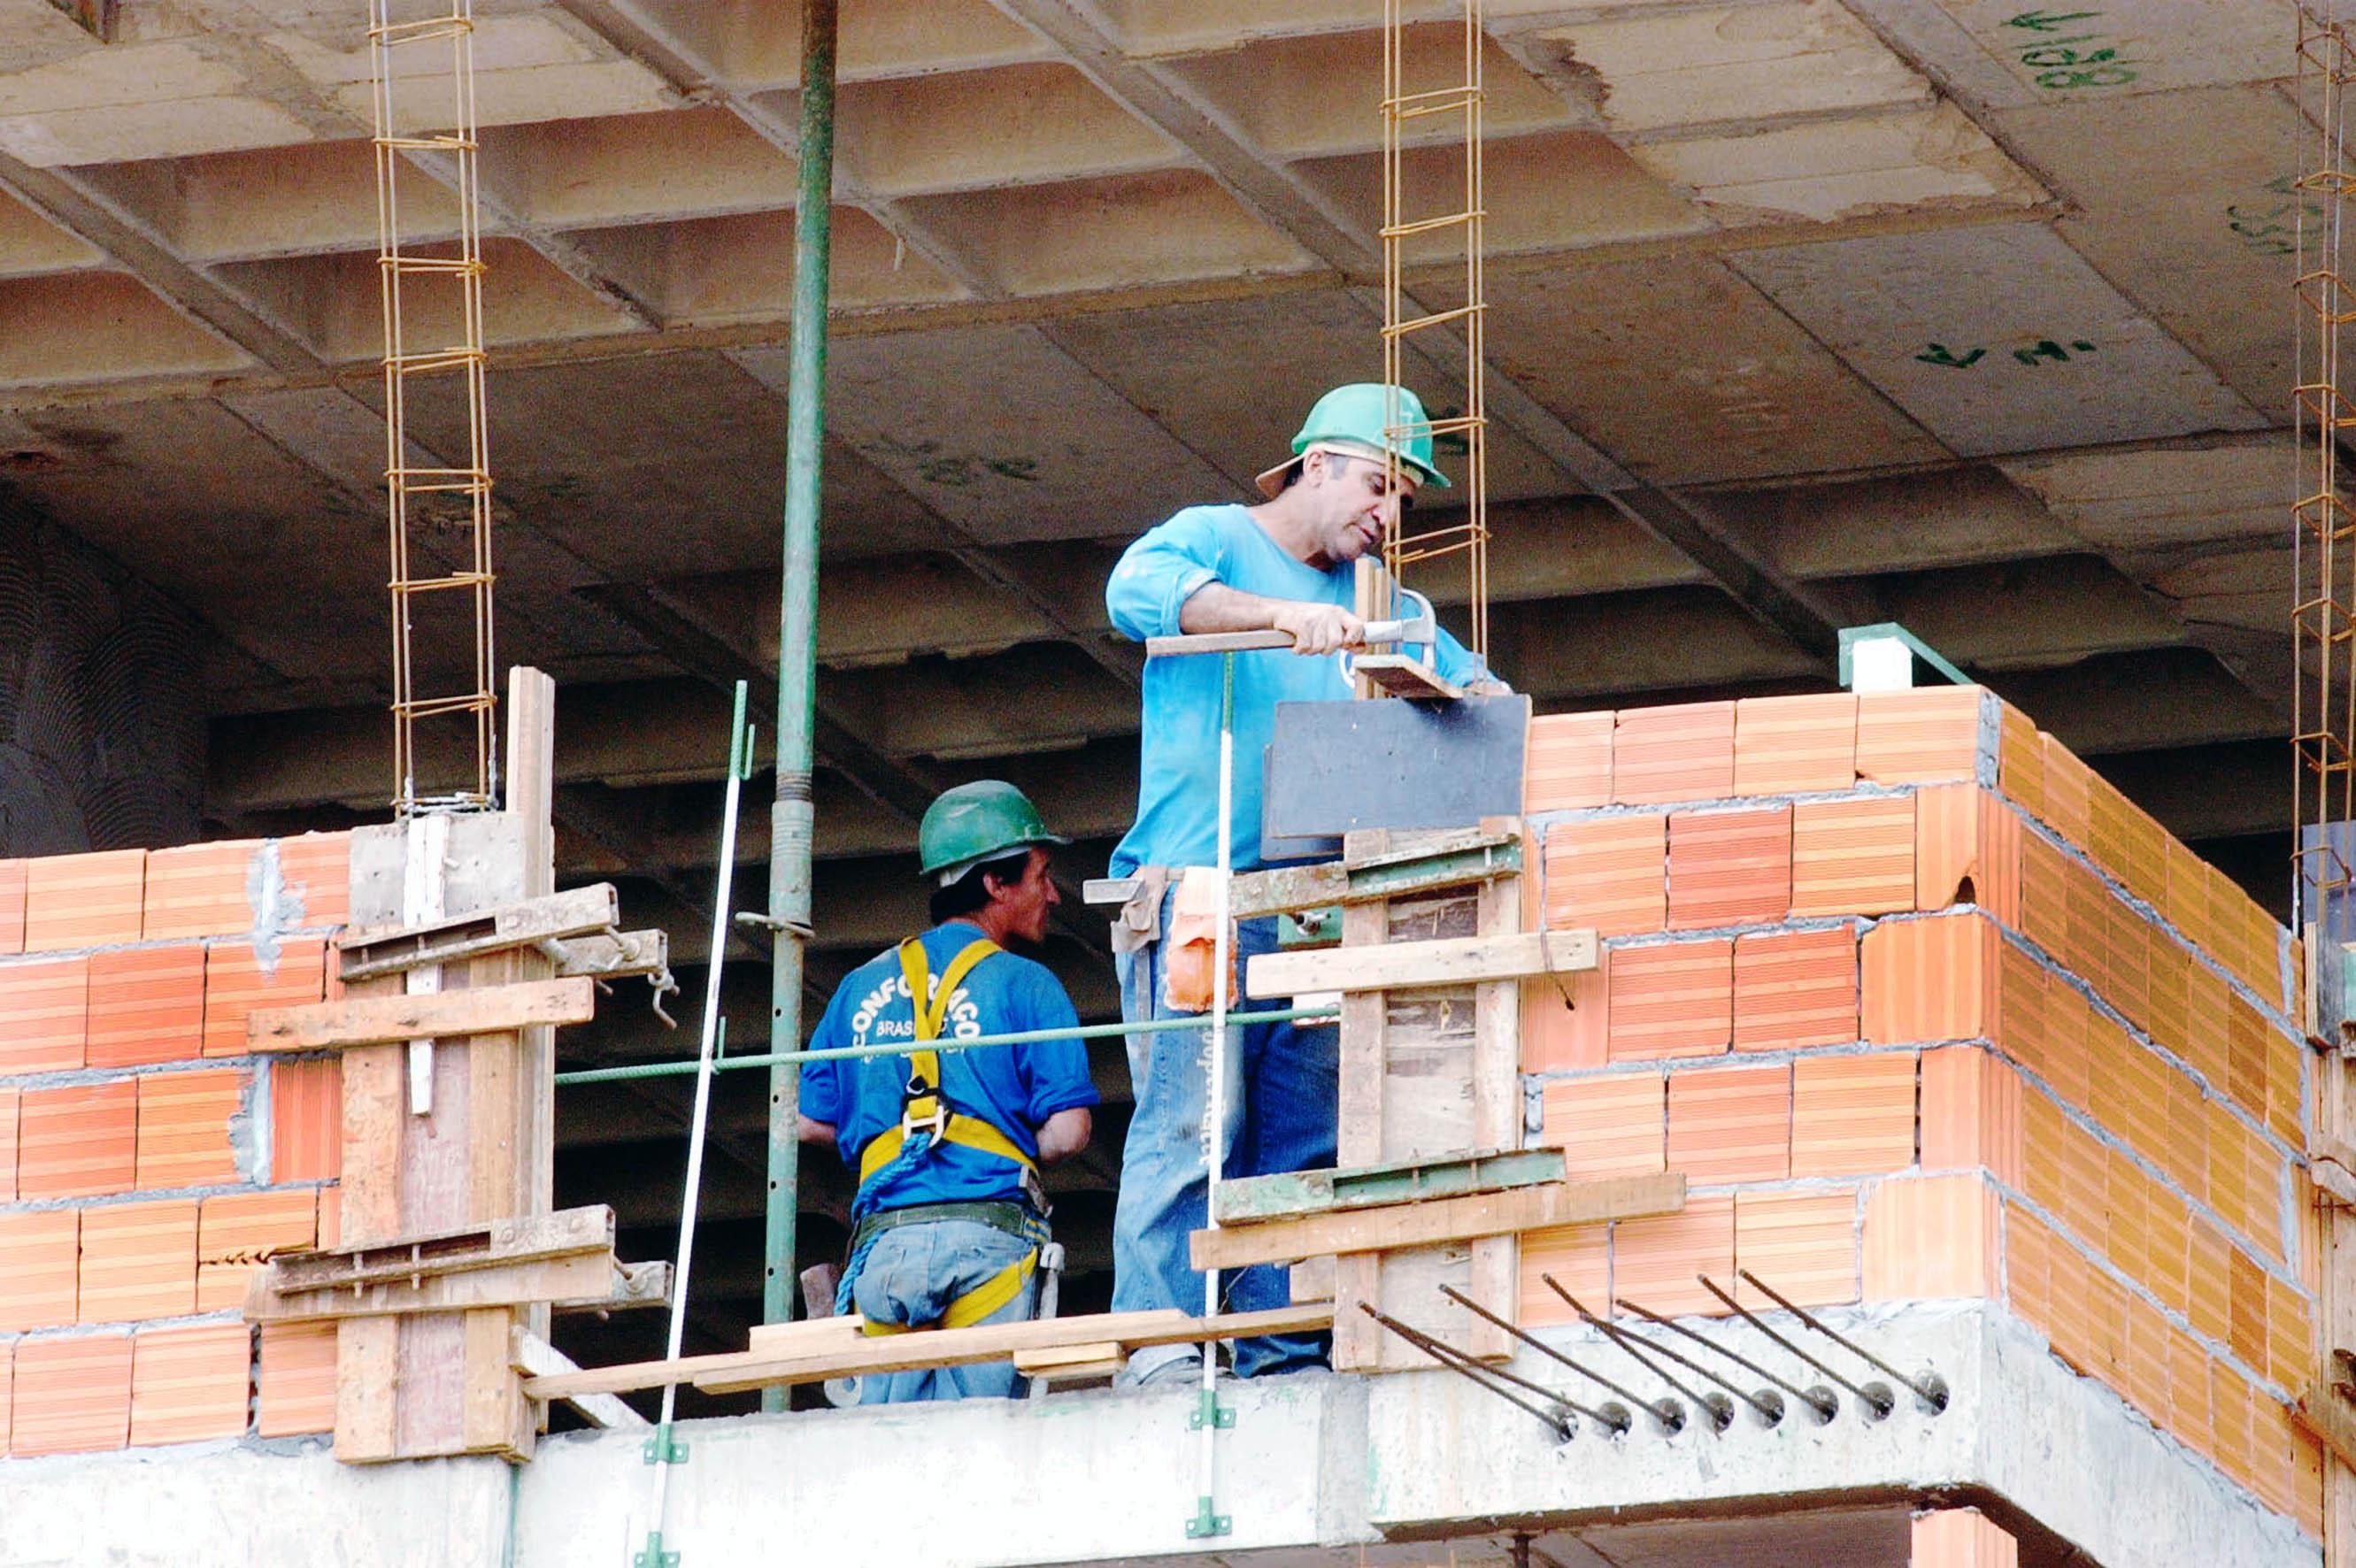 Construção civil perde 27.591 vagas e lidera fechamento de postos em setembro